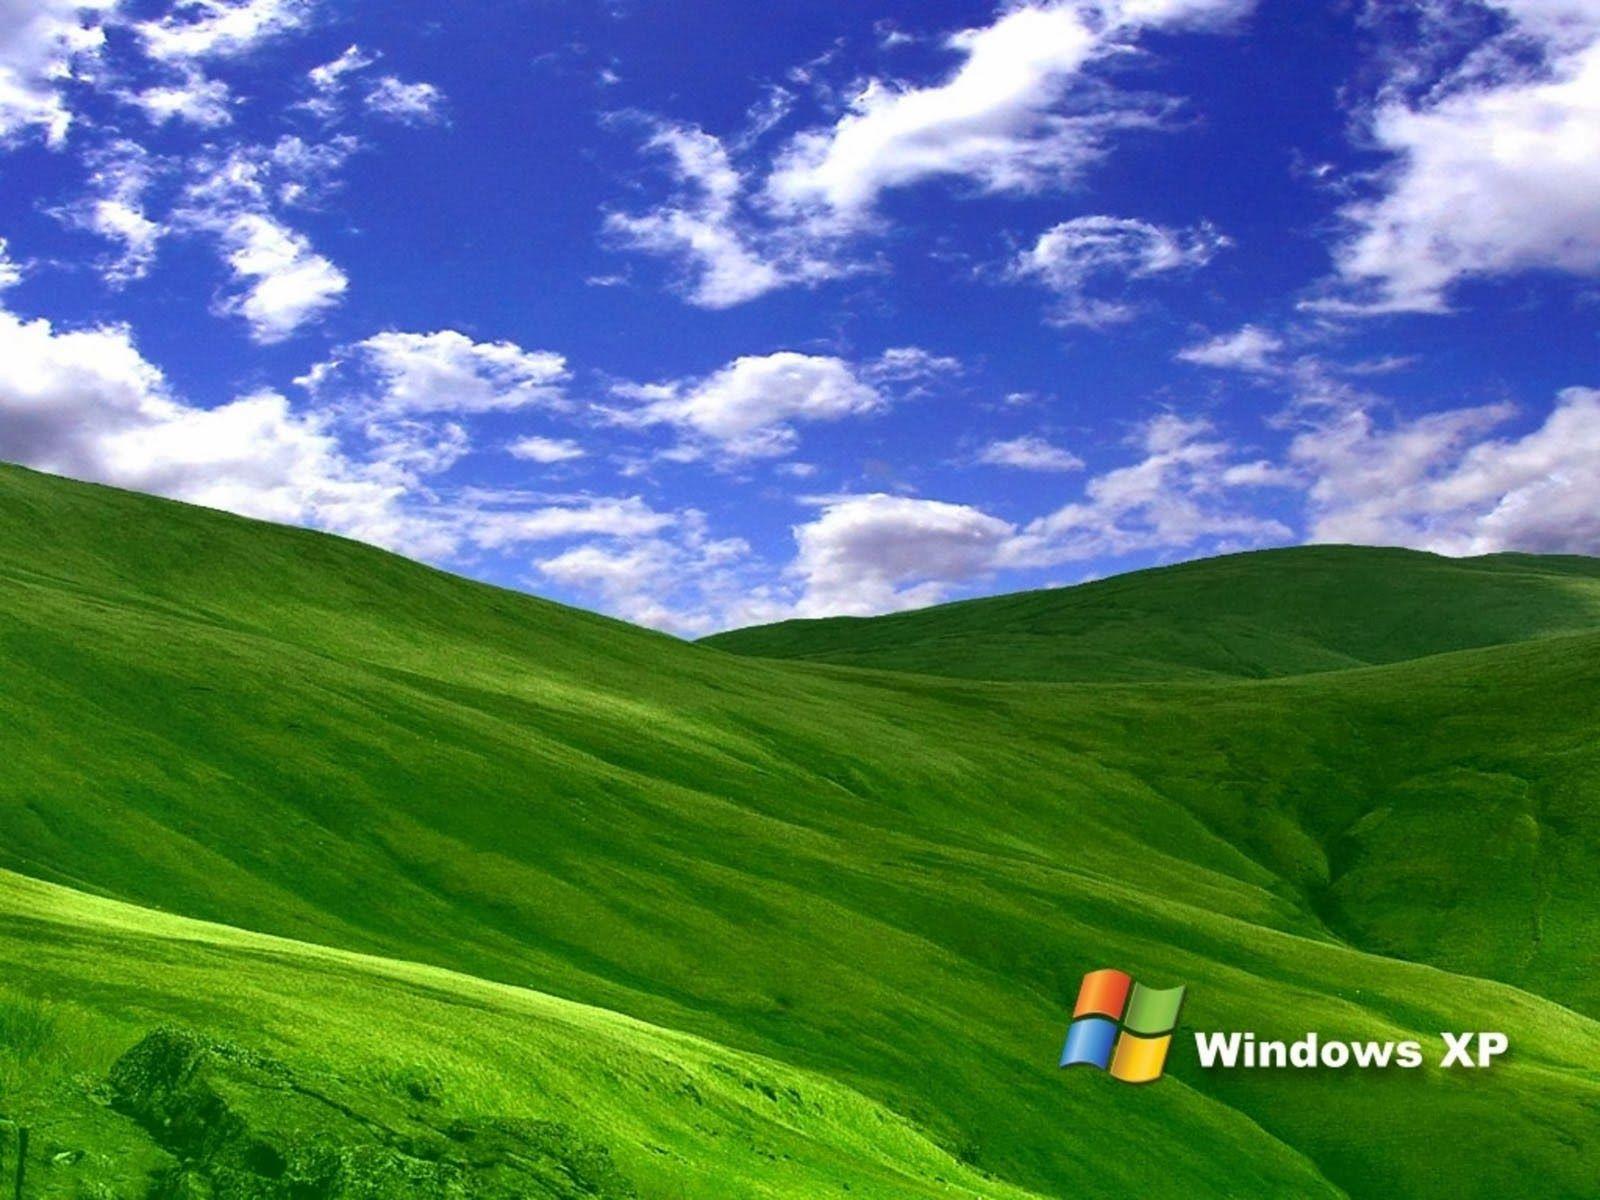 xp desktop backgrounds